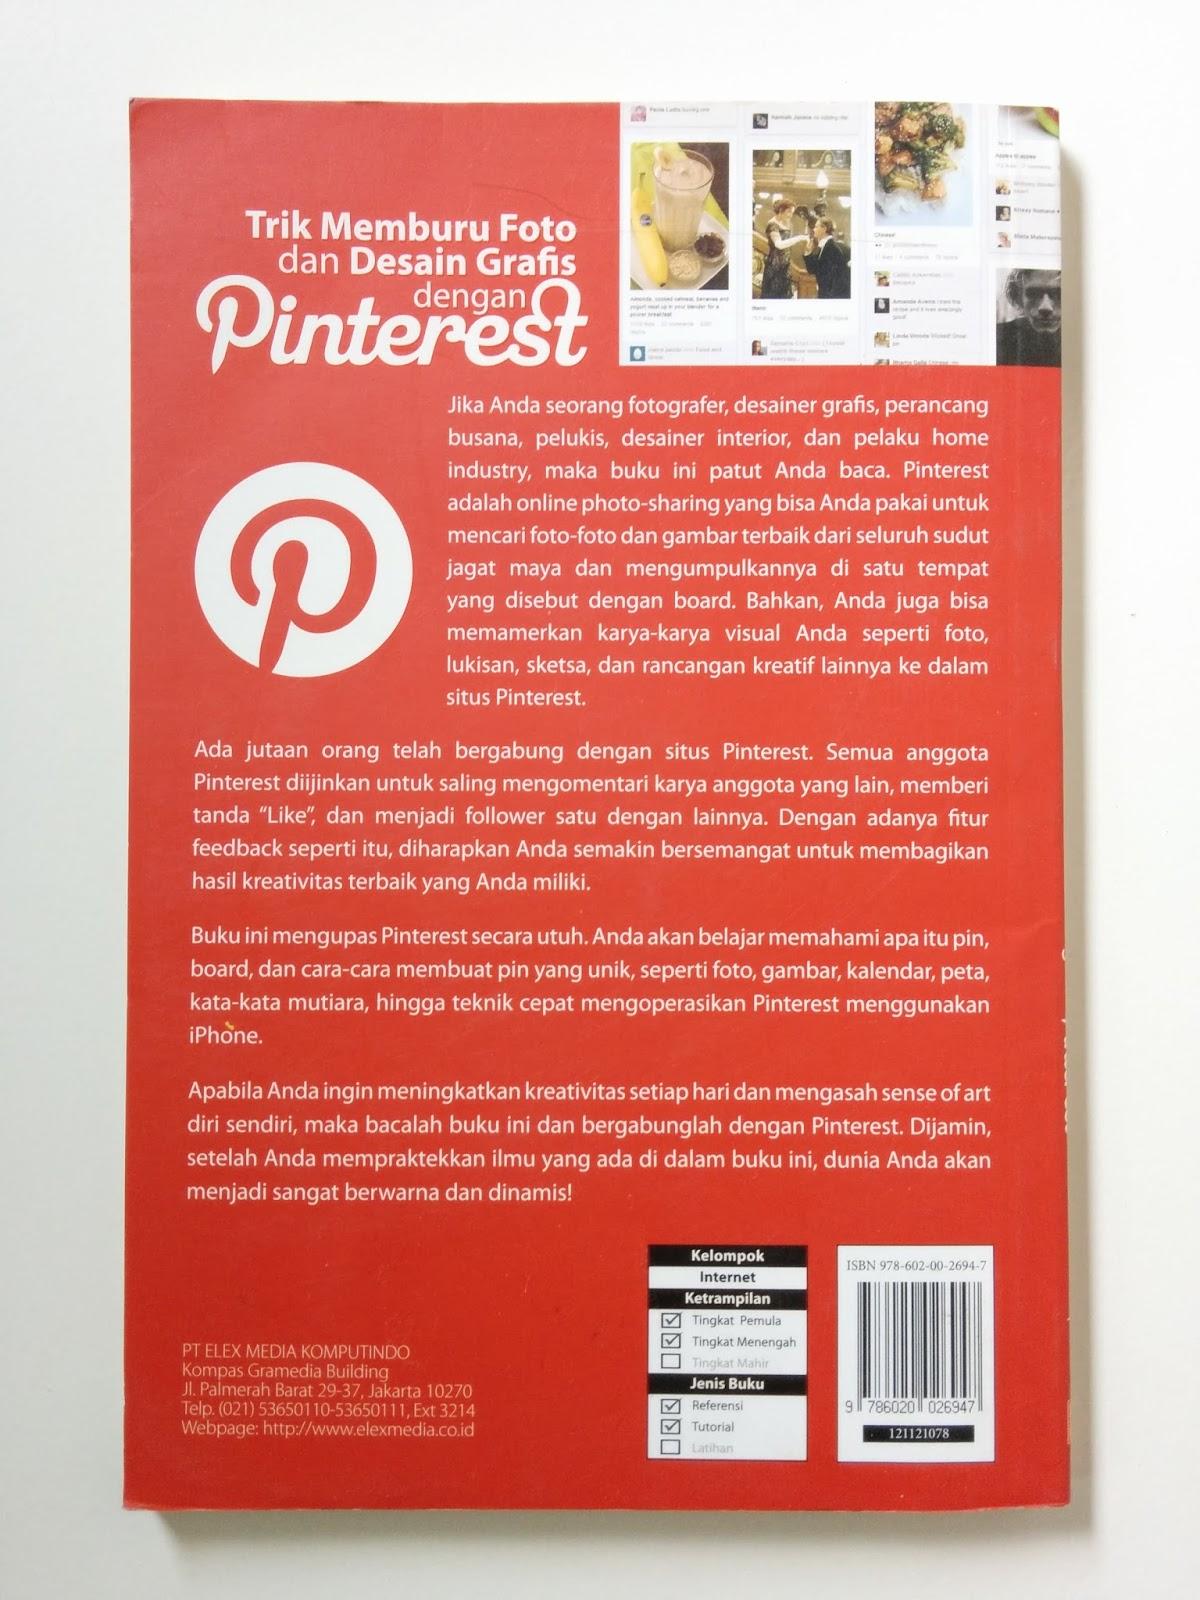 Trik Memburu Foto Dan Desain Grafis Dengan Pinterest